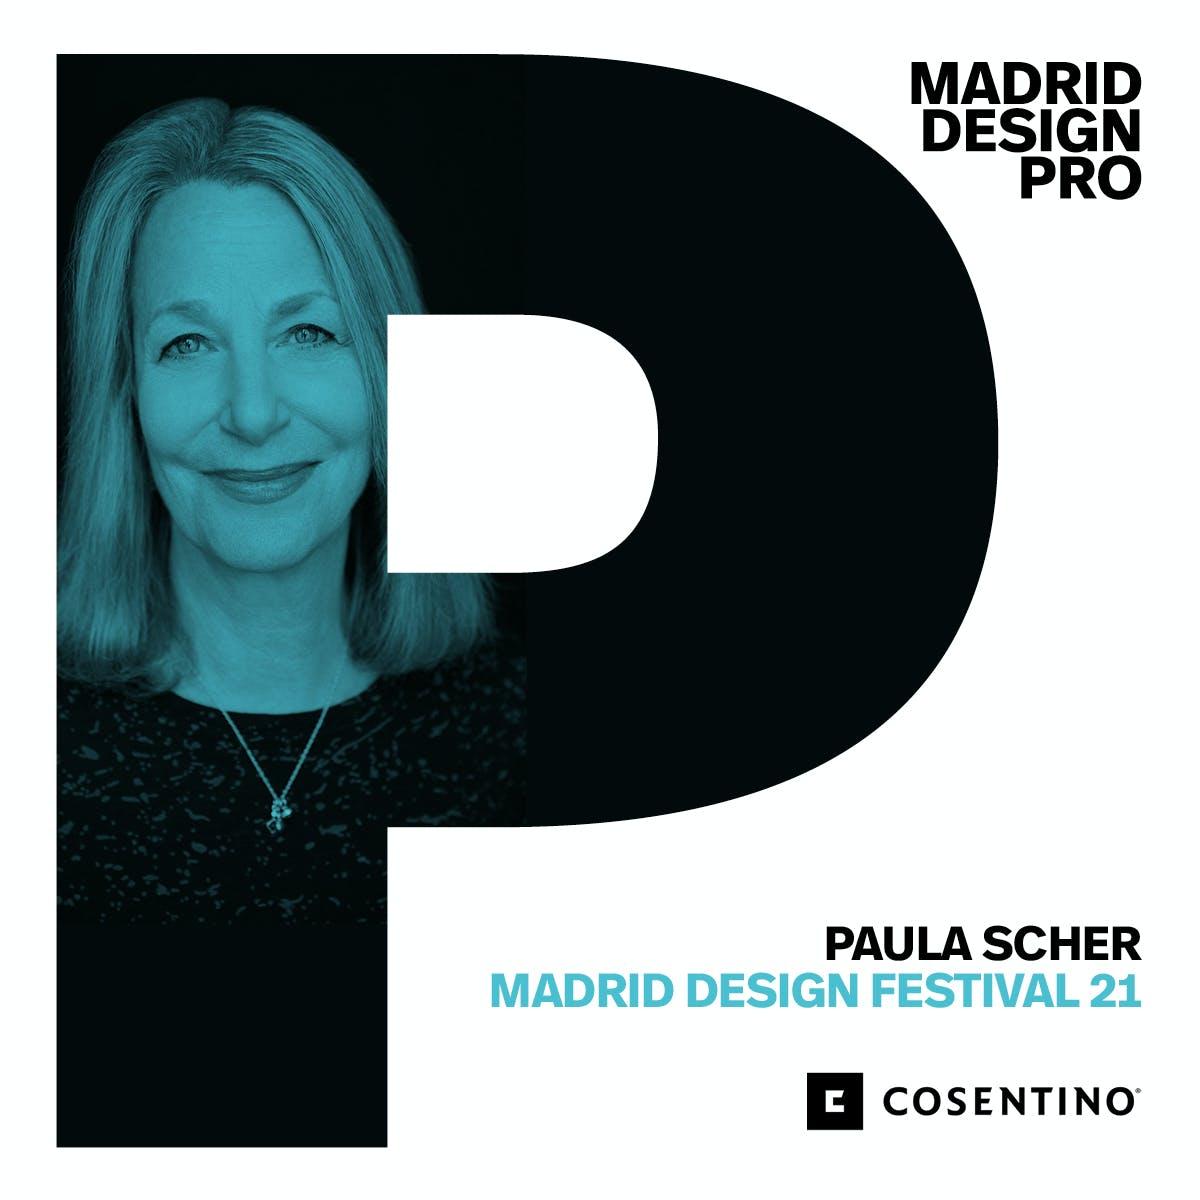 Image of MDPRO COSENTINO 3 in Cosentino at the Madrid Design Festival 2021 - Cosentino